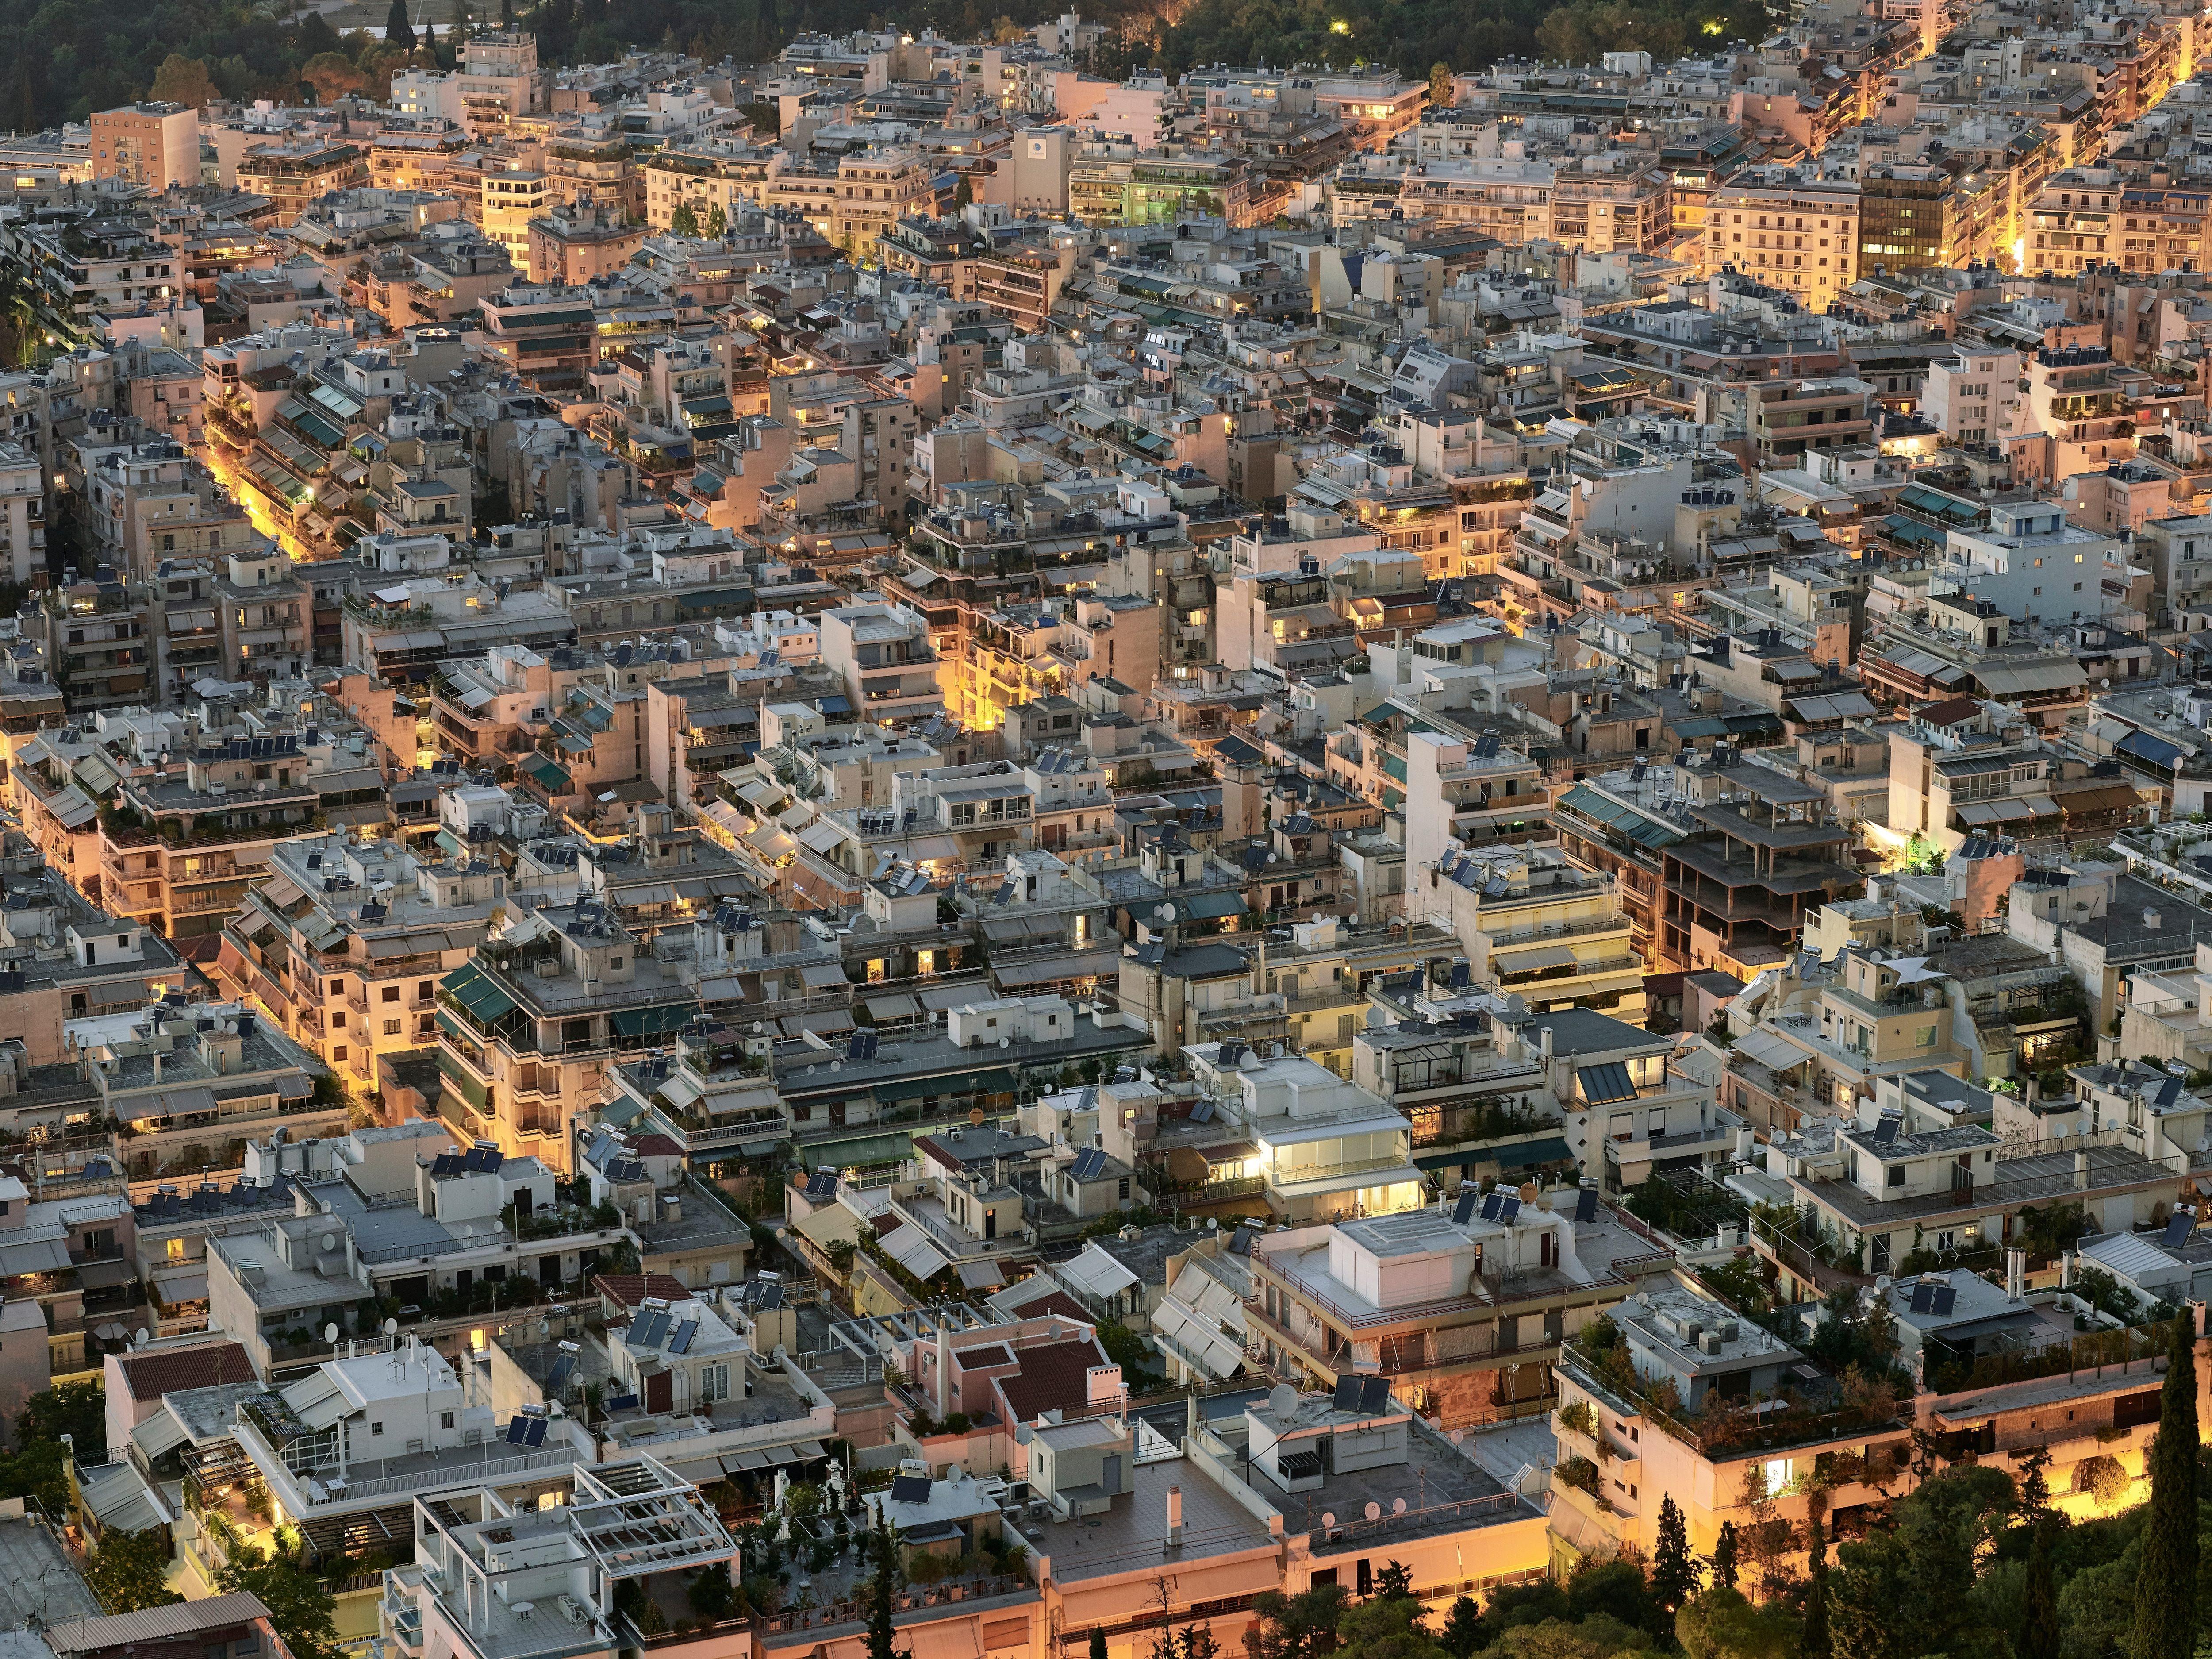 Mr Fox Linge De Lit Élégant Pwc Greece Audit and assurance Advisory Tax Services